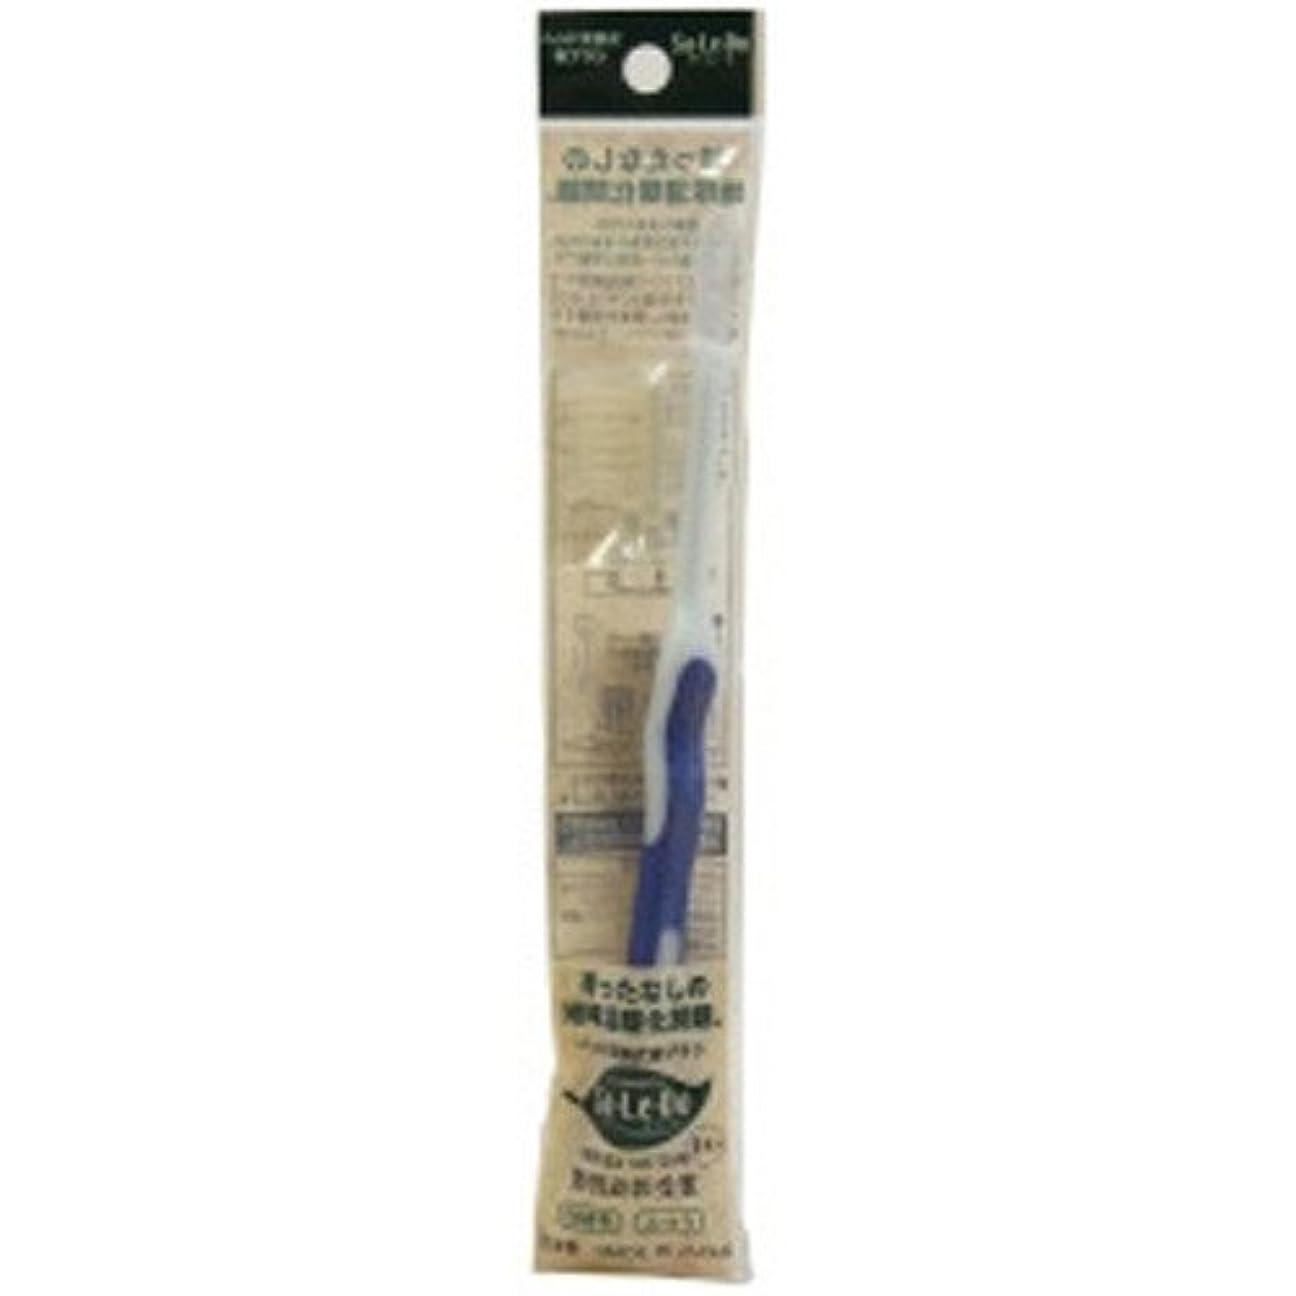 同情的敬意を表して貸し手サレド ヘッド交換式歯ブラシ お試しセット レギュラーヘッド ブルー